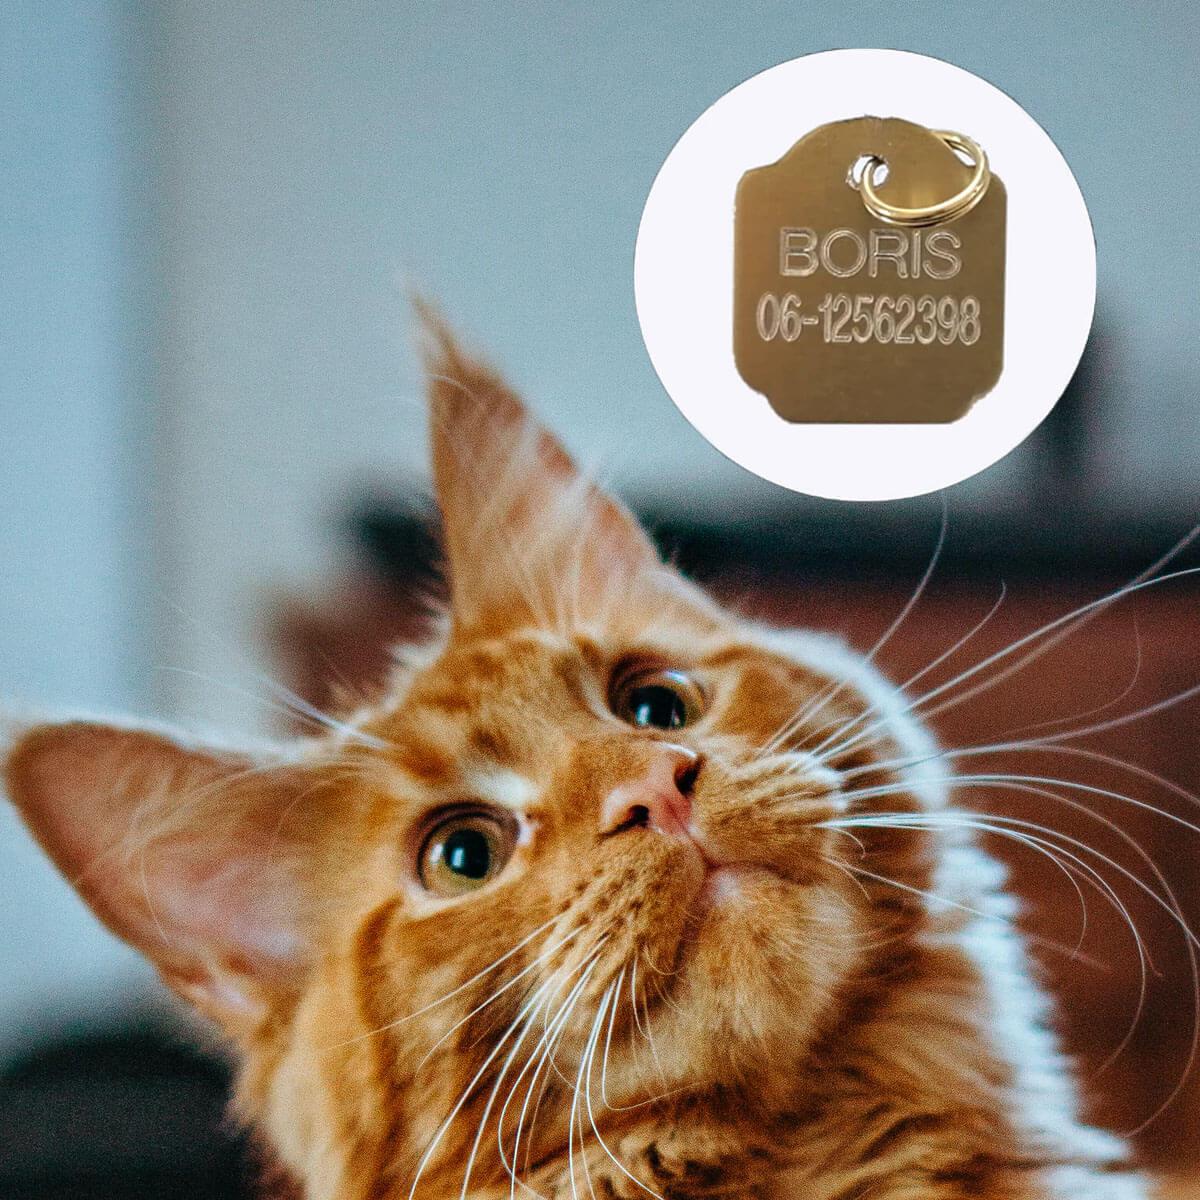 Penning bestellen, kleur: goud. Voor hond of kat.